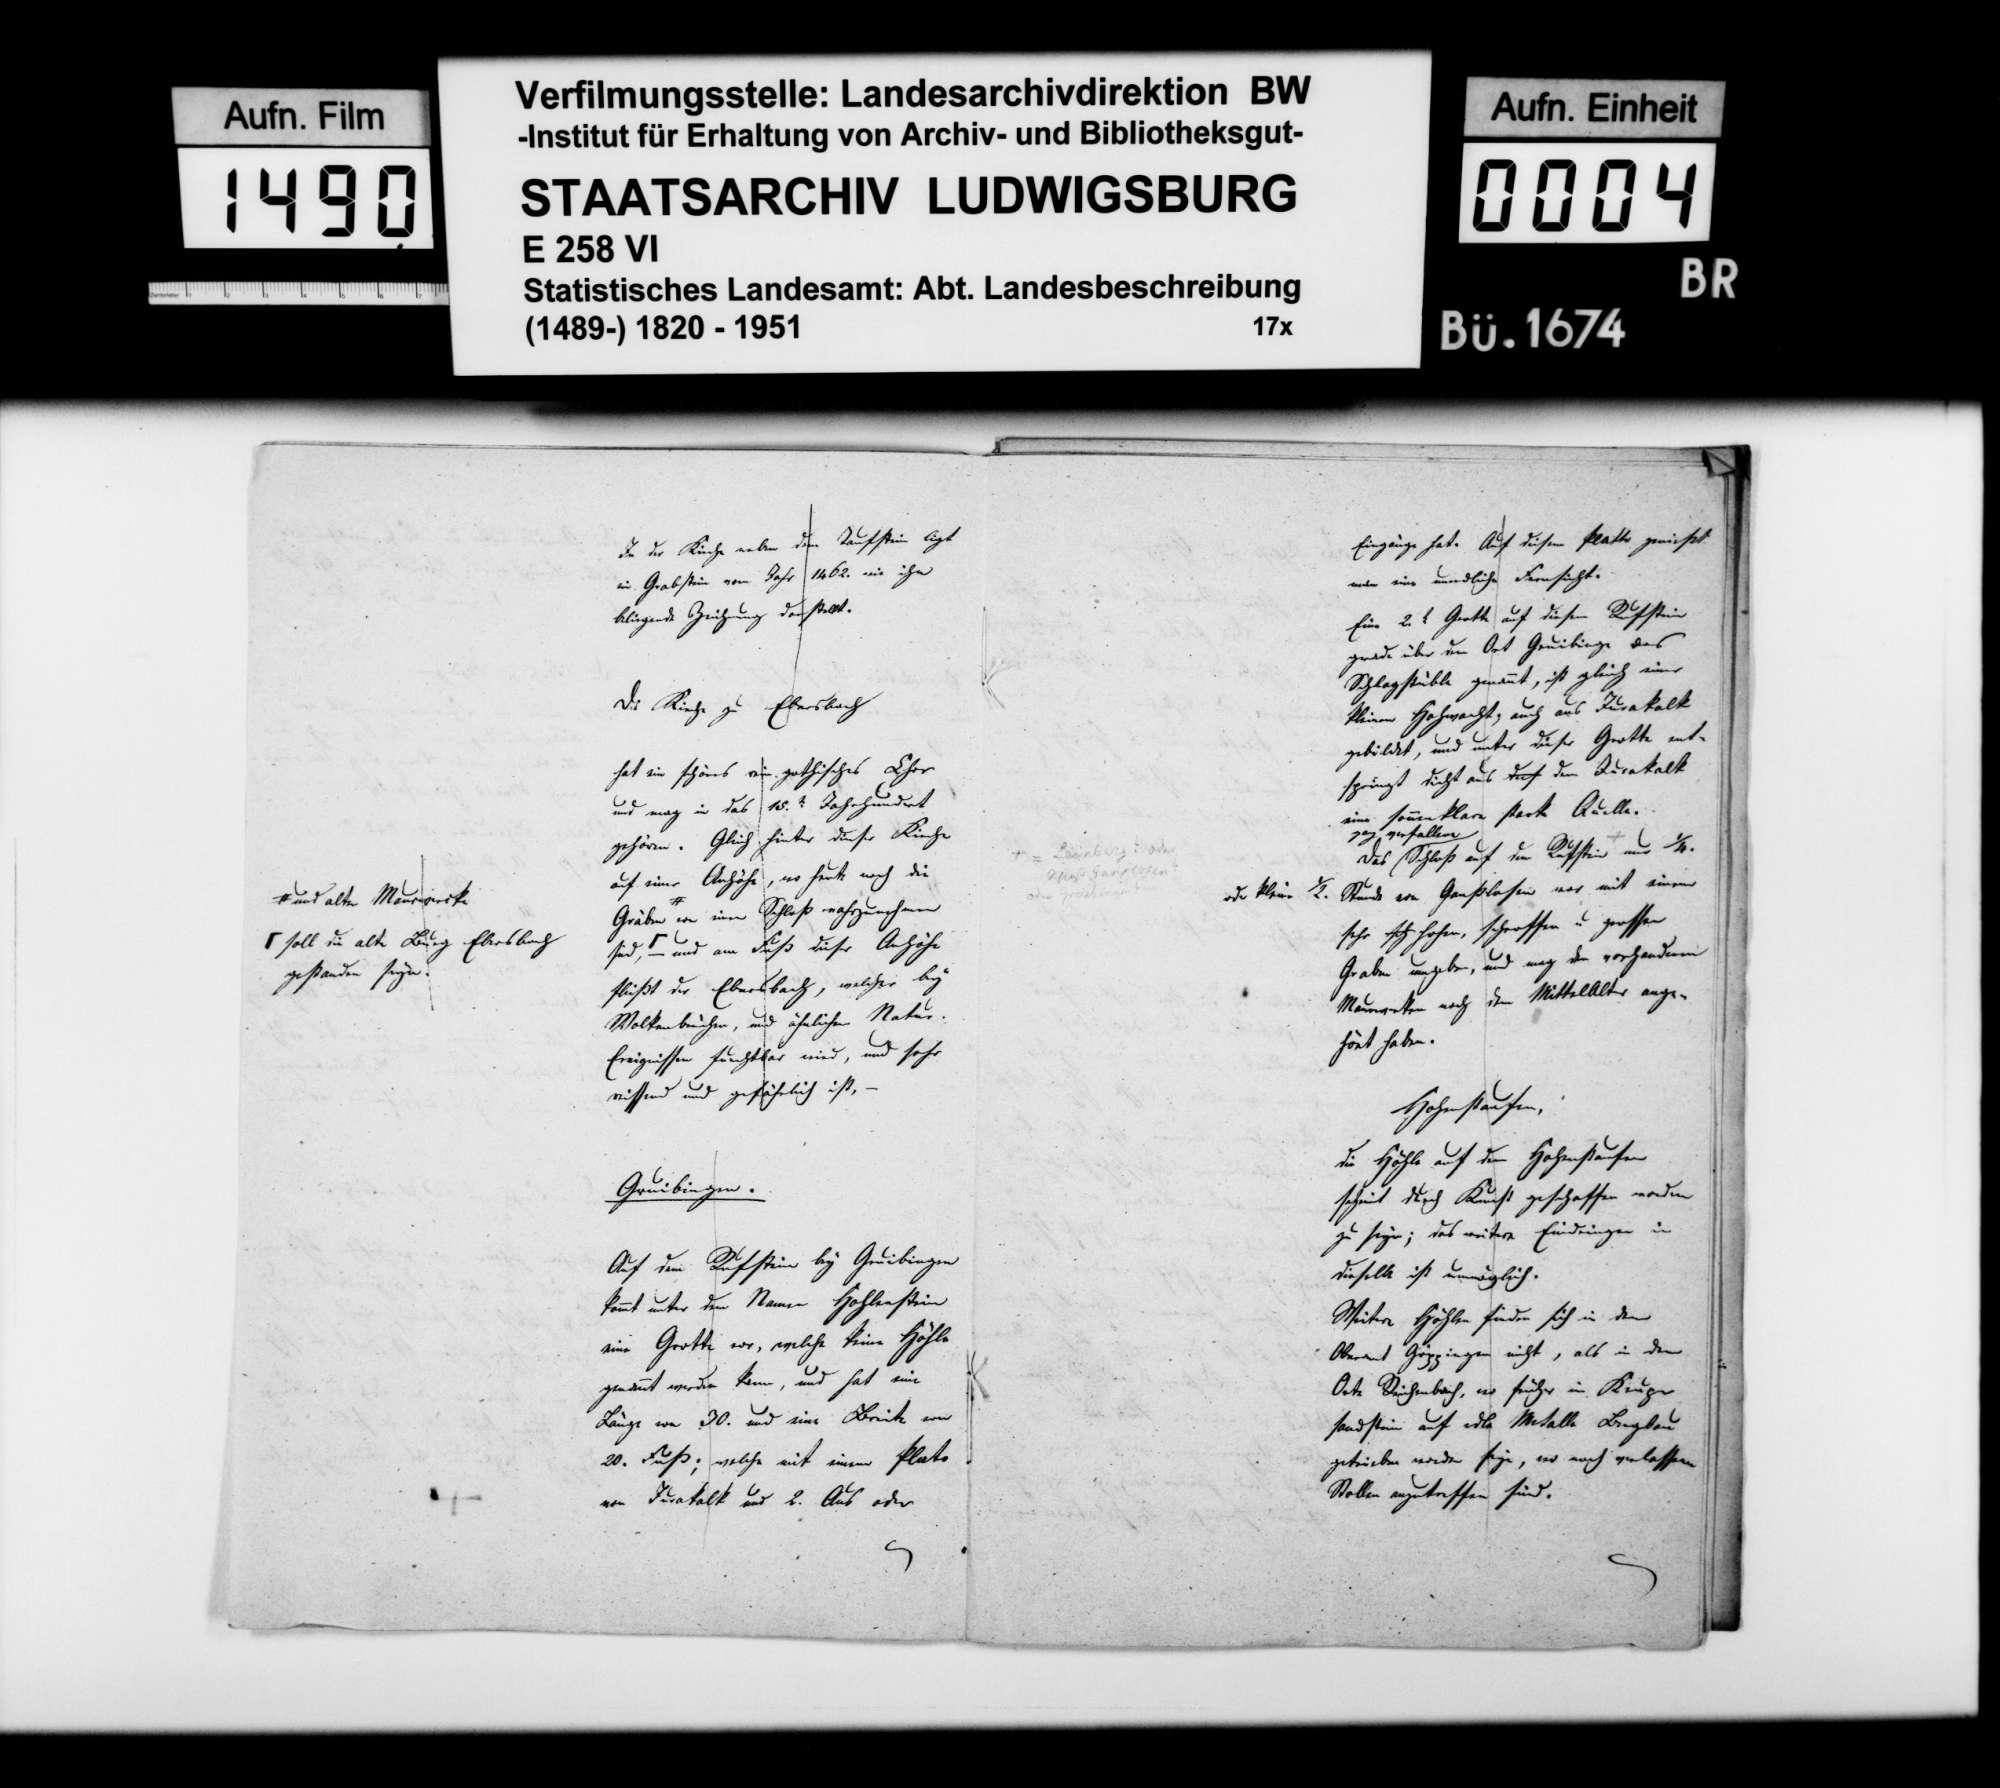 Mitteilungen [des Oberamtmanns Kausler] und Übermittlung weiterer Berichte zu Kirchen, Burgruinen, Volkssagen u.dgl., Bild 3